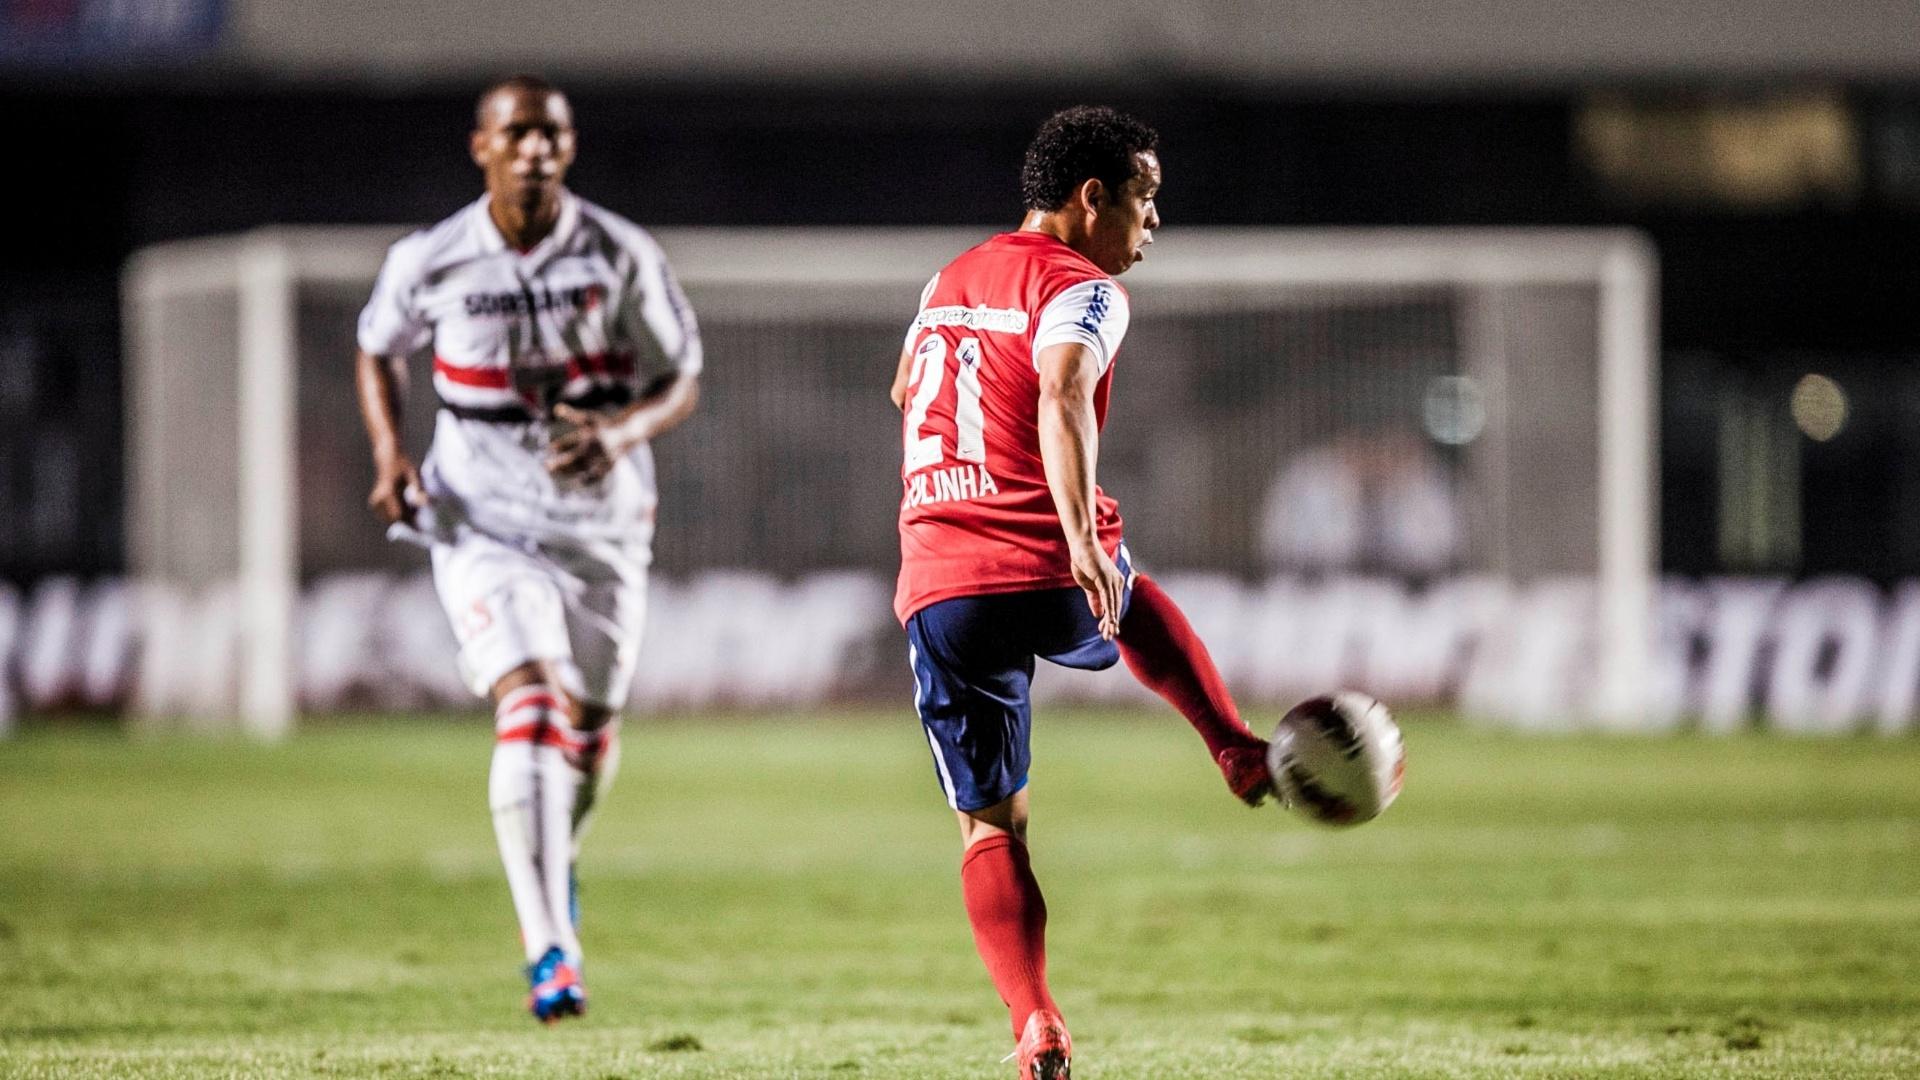 Observado por Paulo Miranda, Lulinha domina a bola durante jogo entre São Paulo e Bahia